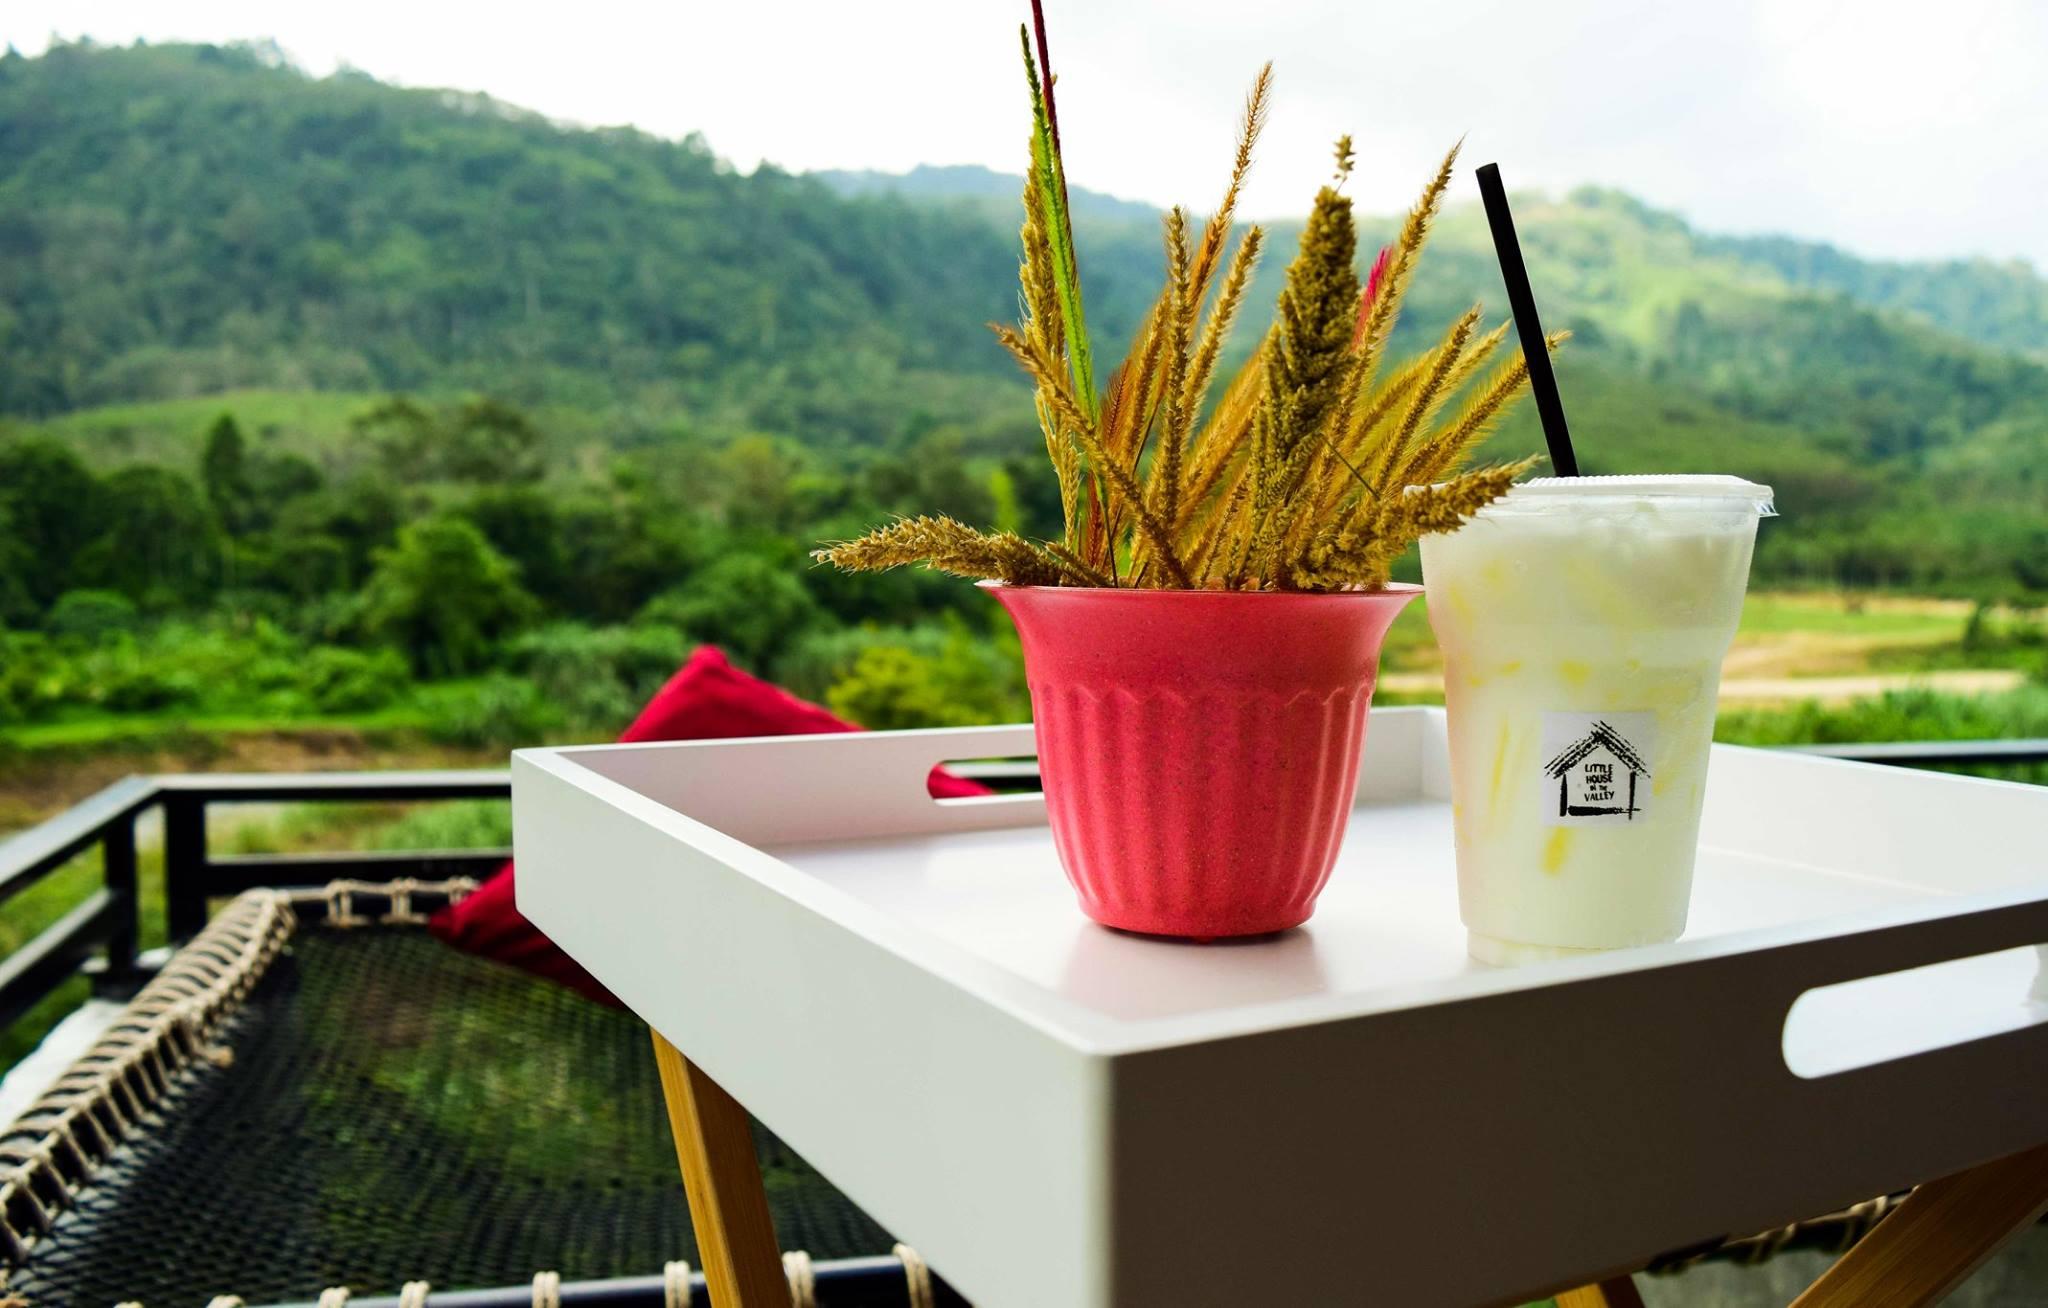 ณ บ้านเล็กกลางหุบเขา นั่งจิบชากาแฟ บนตาข่ายสุดชิว วิวสีเขียว นครศรีดีย์